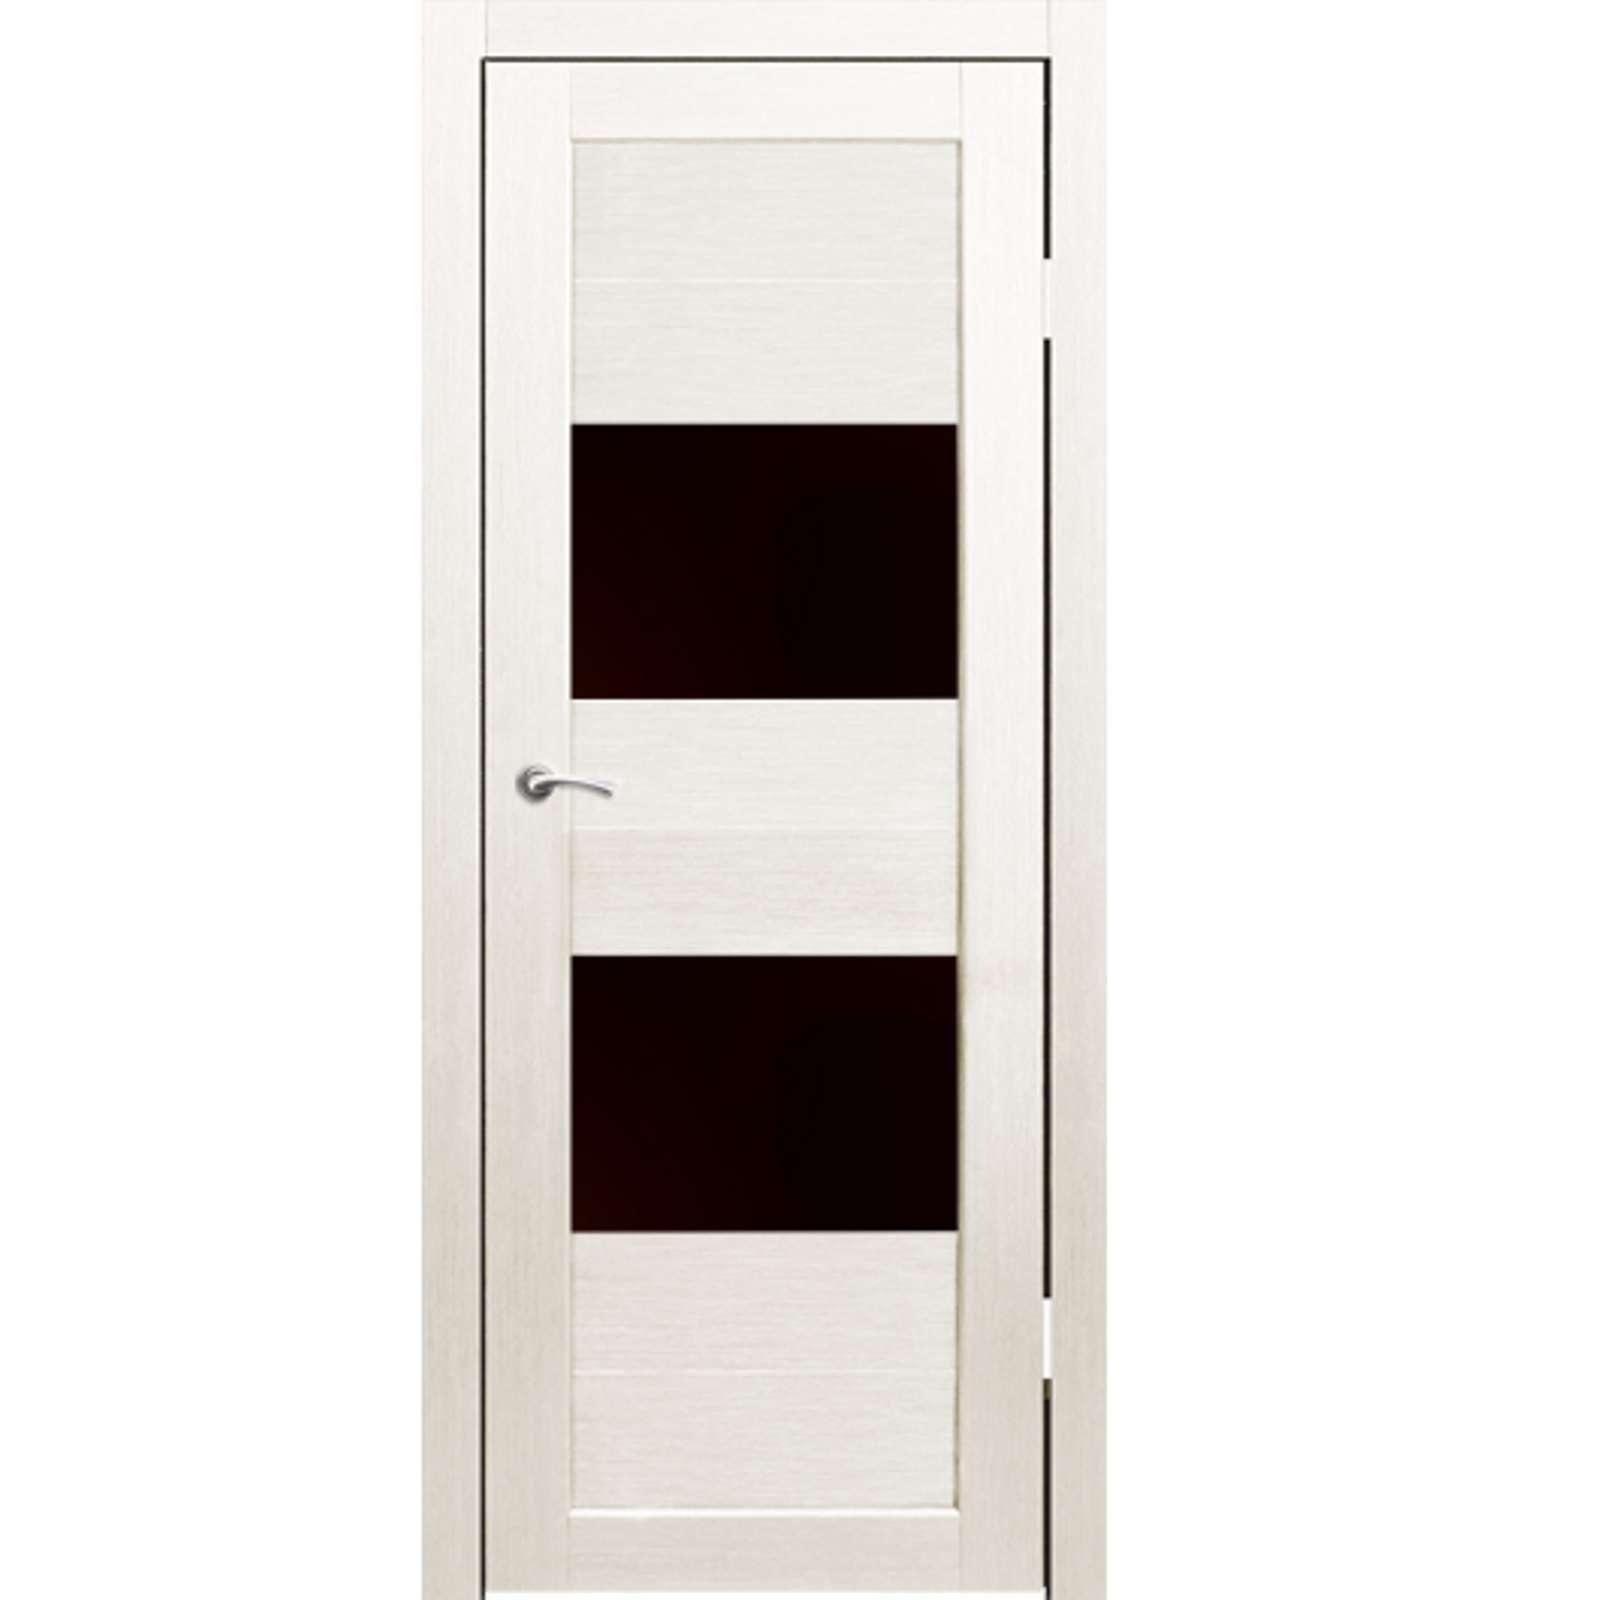 Полотно дверное остекленное Форте (черное стекло) СИНЕРЖИ дуб молочный ПВХ, ПДО 700х2000мм